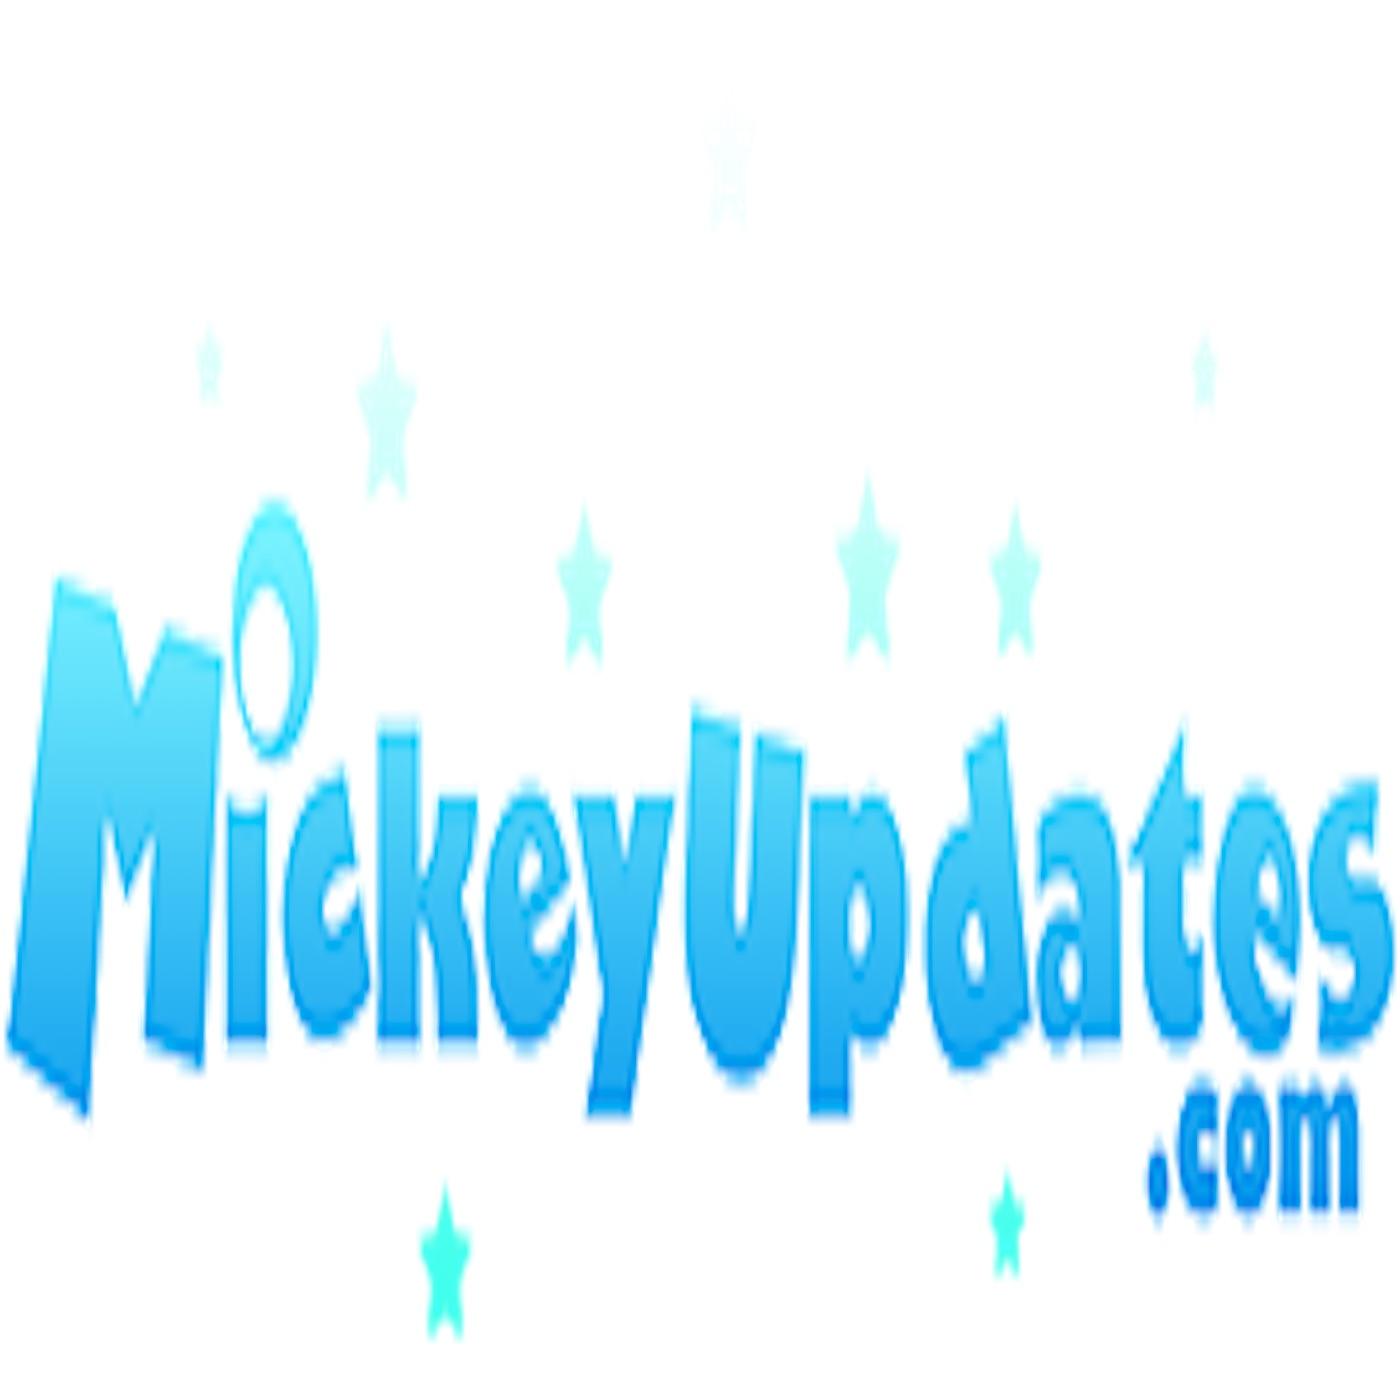 MIckeyUpdates